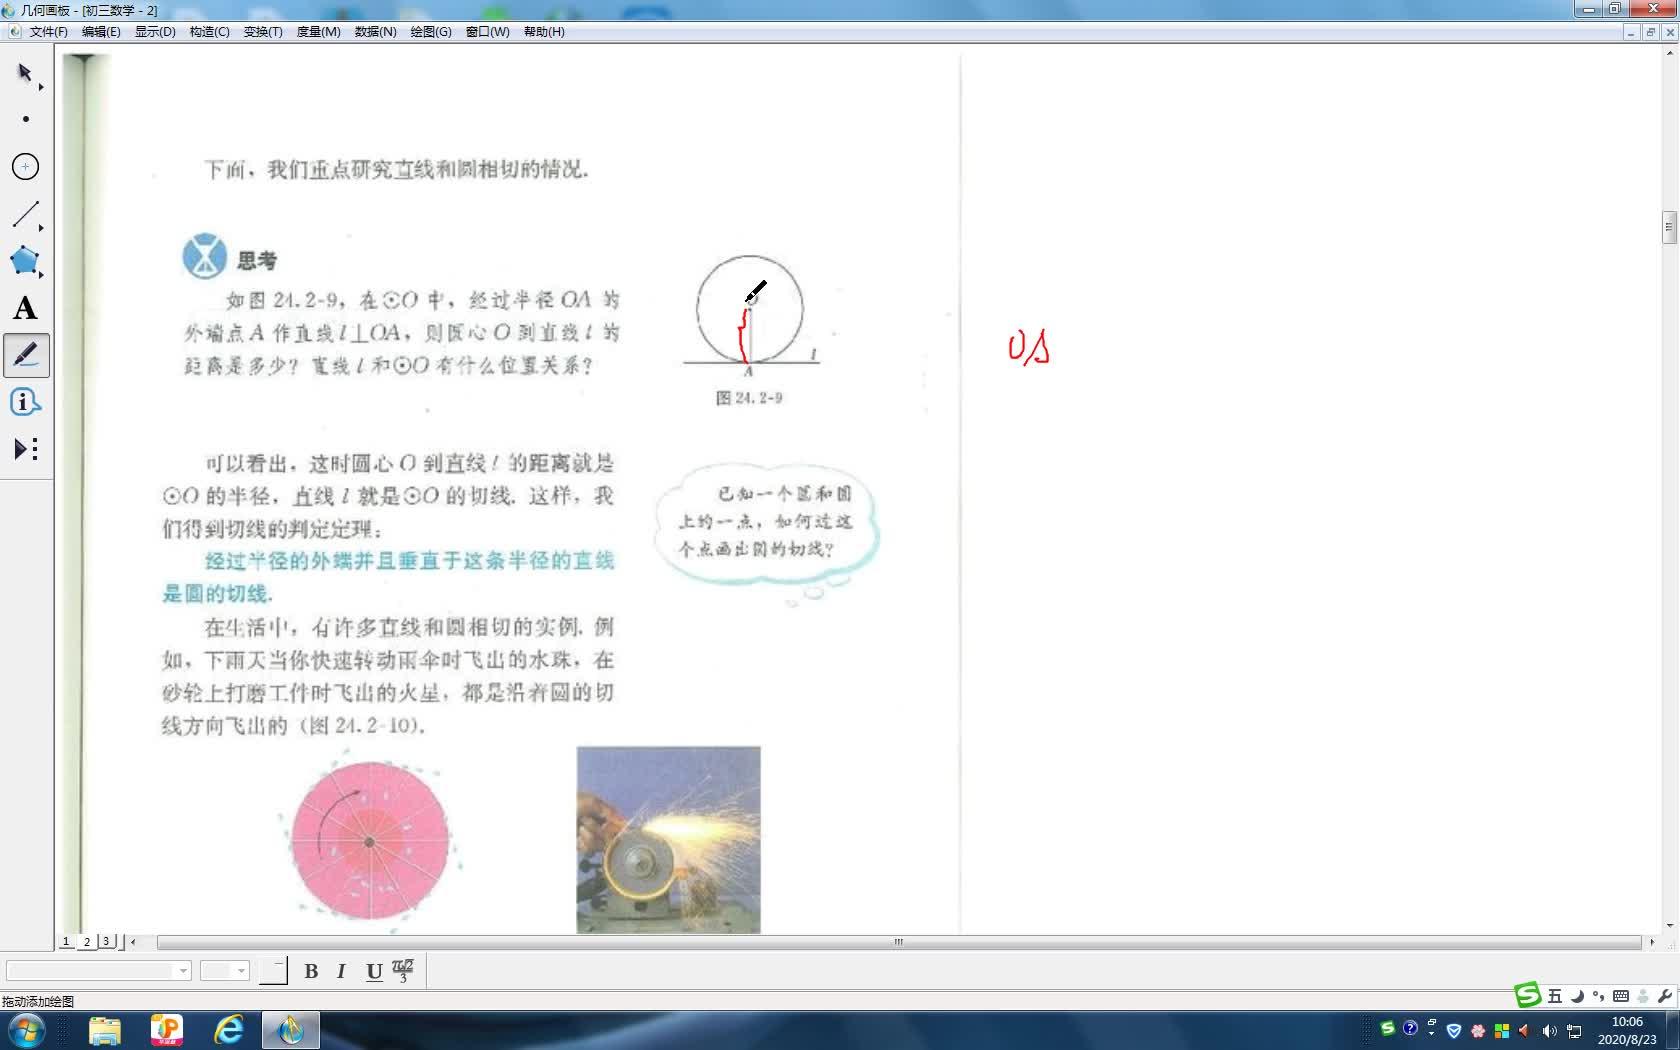 24.2.2直线与圆的位置关系(2)[来自e网通极速客户端]人教版 九年级上册   24.2.2直线与圆的位置关系(2)  视频讲解人教版 九年级上册   24.2.2直线与圆的位置关系(2)  视频讲解